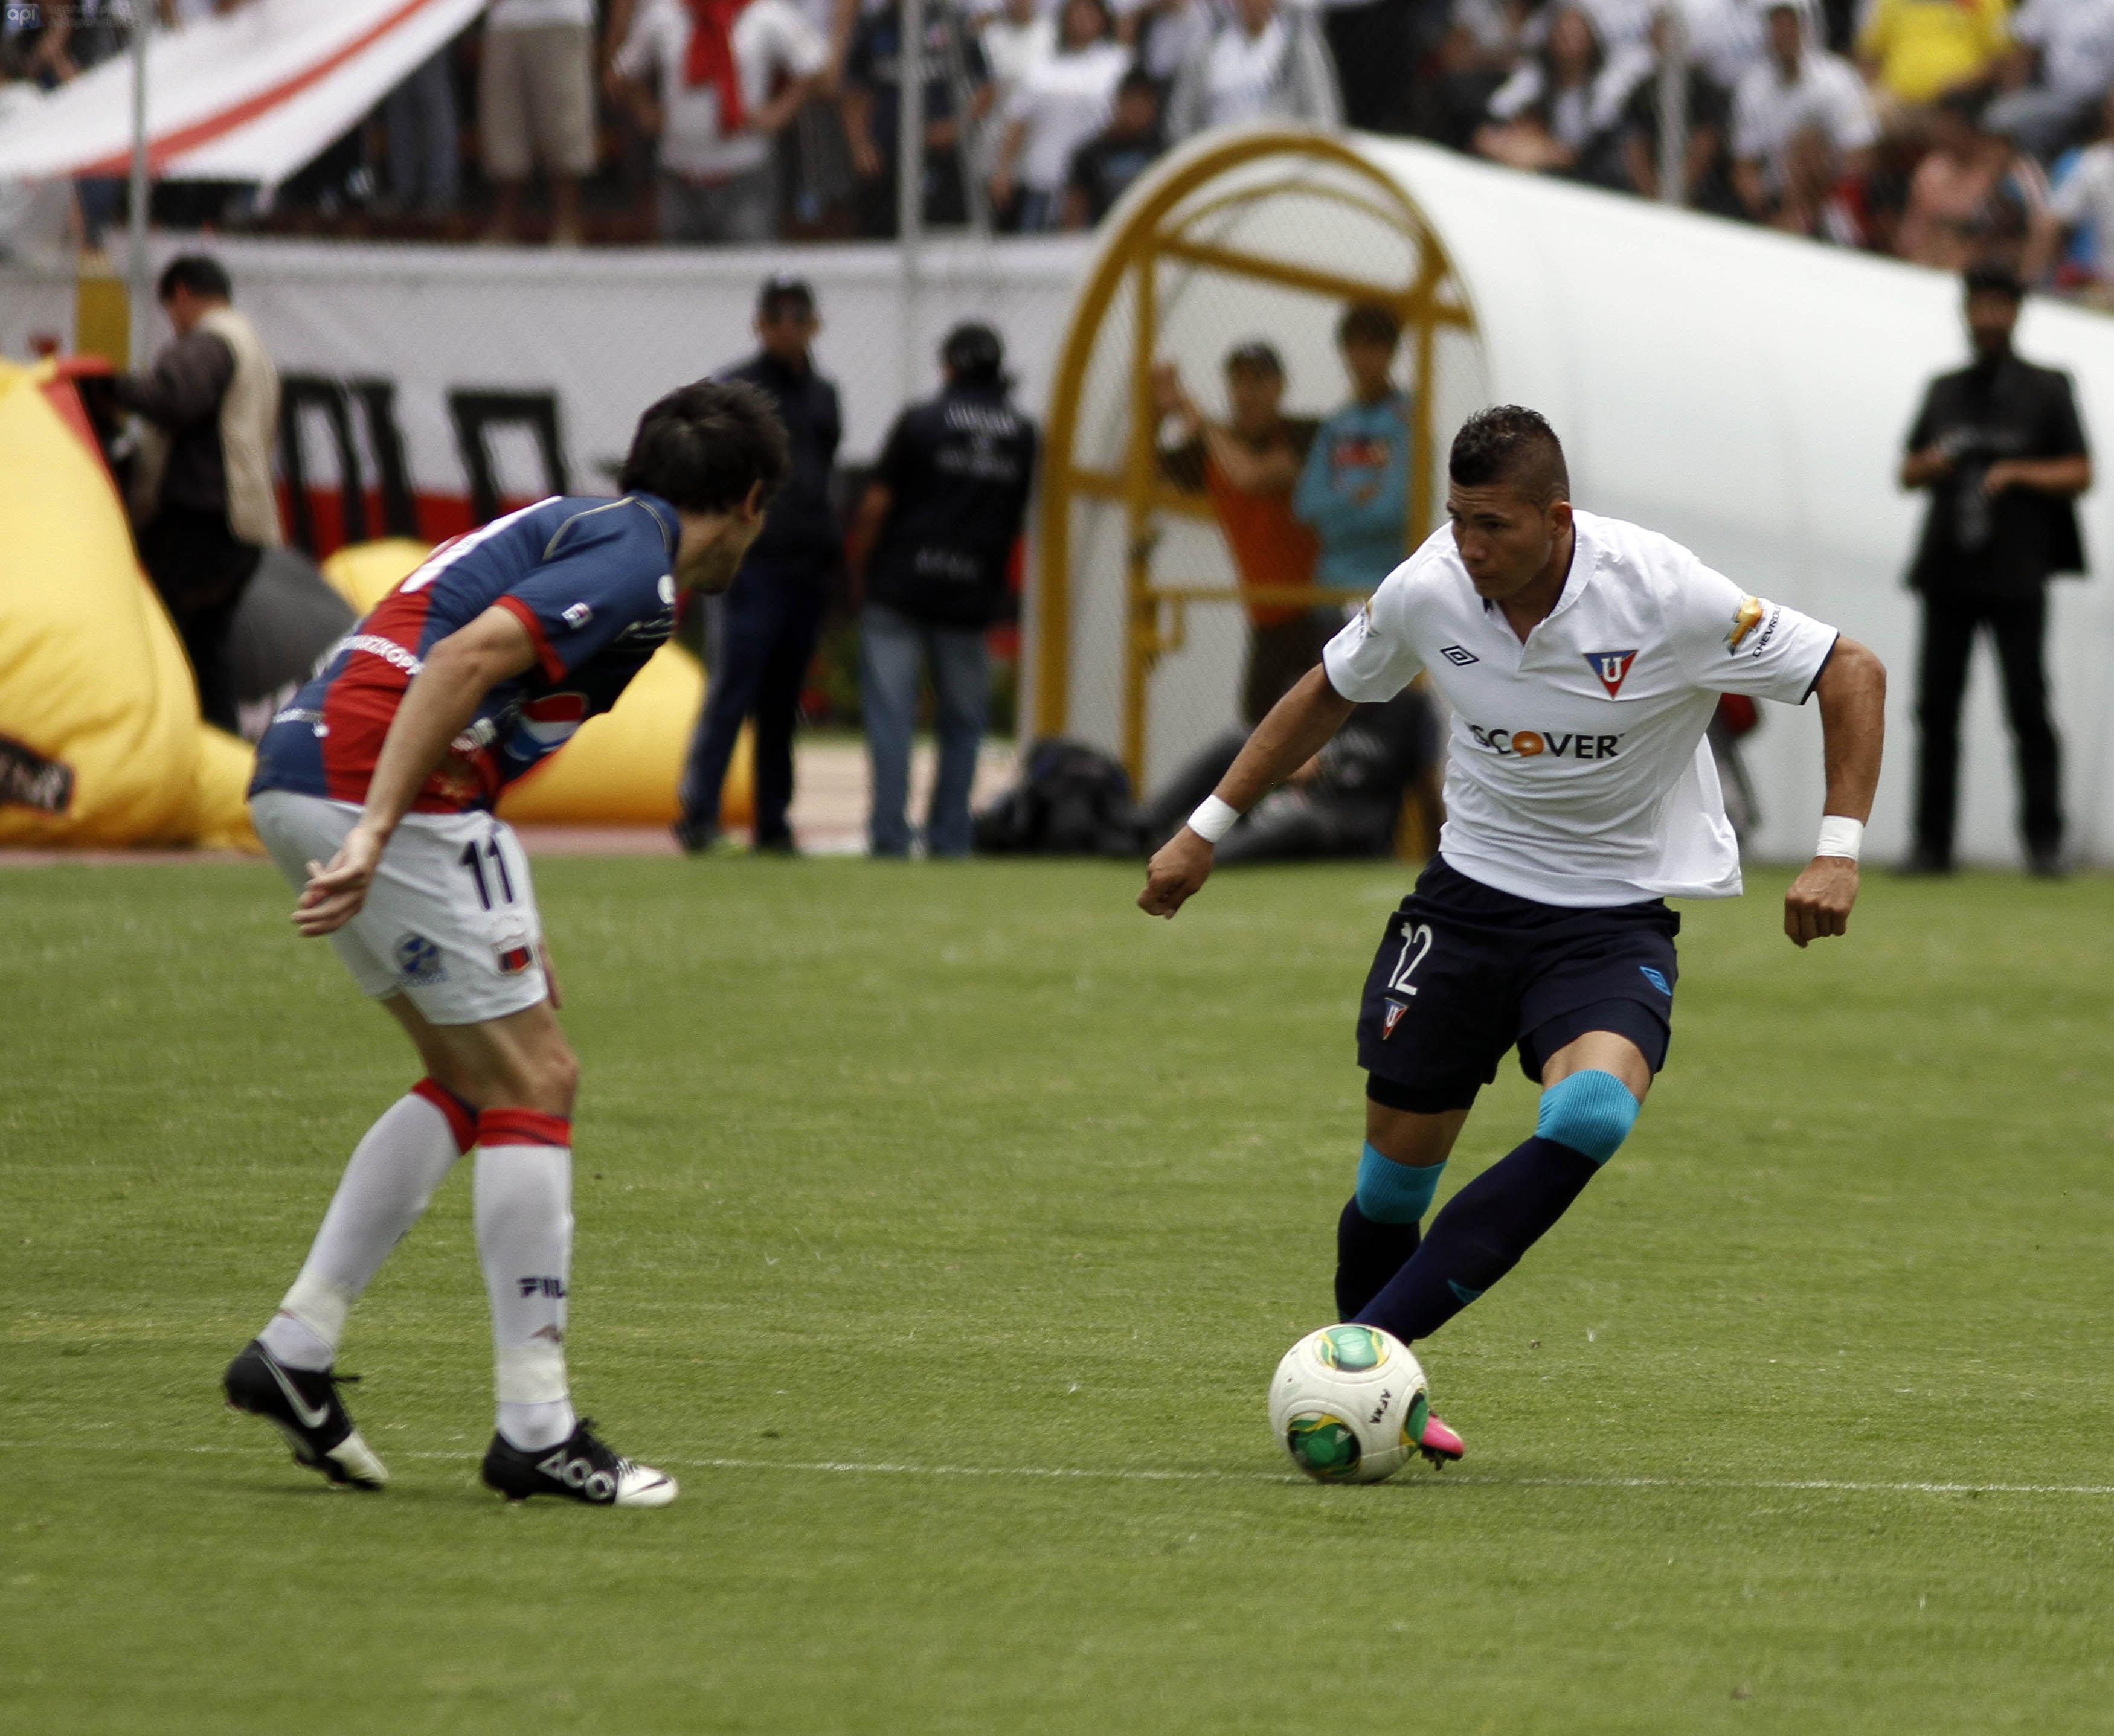 Dep. Quito gana el Clásico de la Capital 2 - 1 ante LDUQ